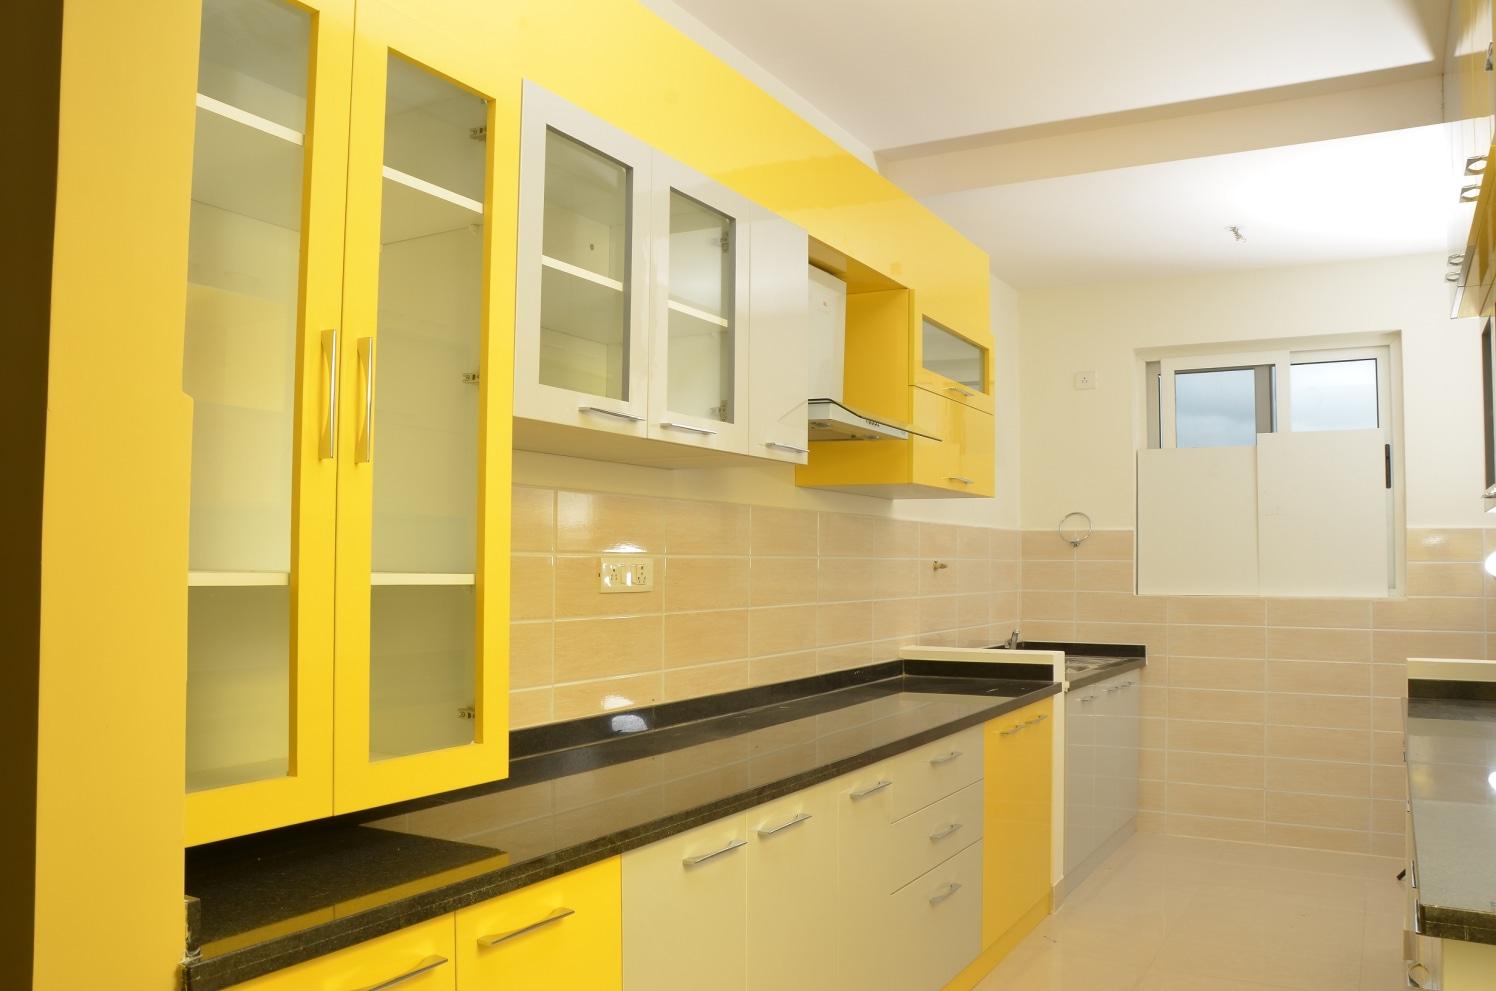 Sunflower Inspired by Naushad Modular-kitchen Modern | Interior Design Photos & Ideas